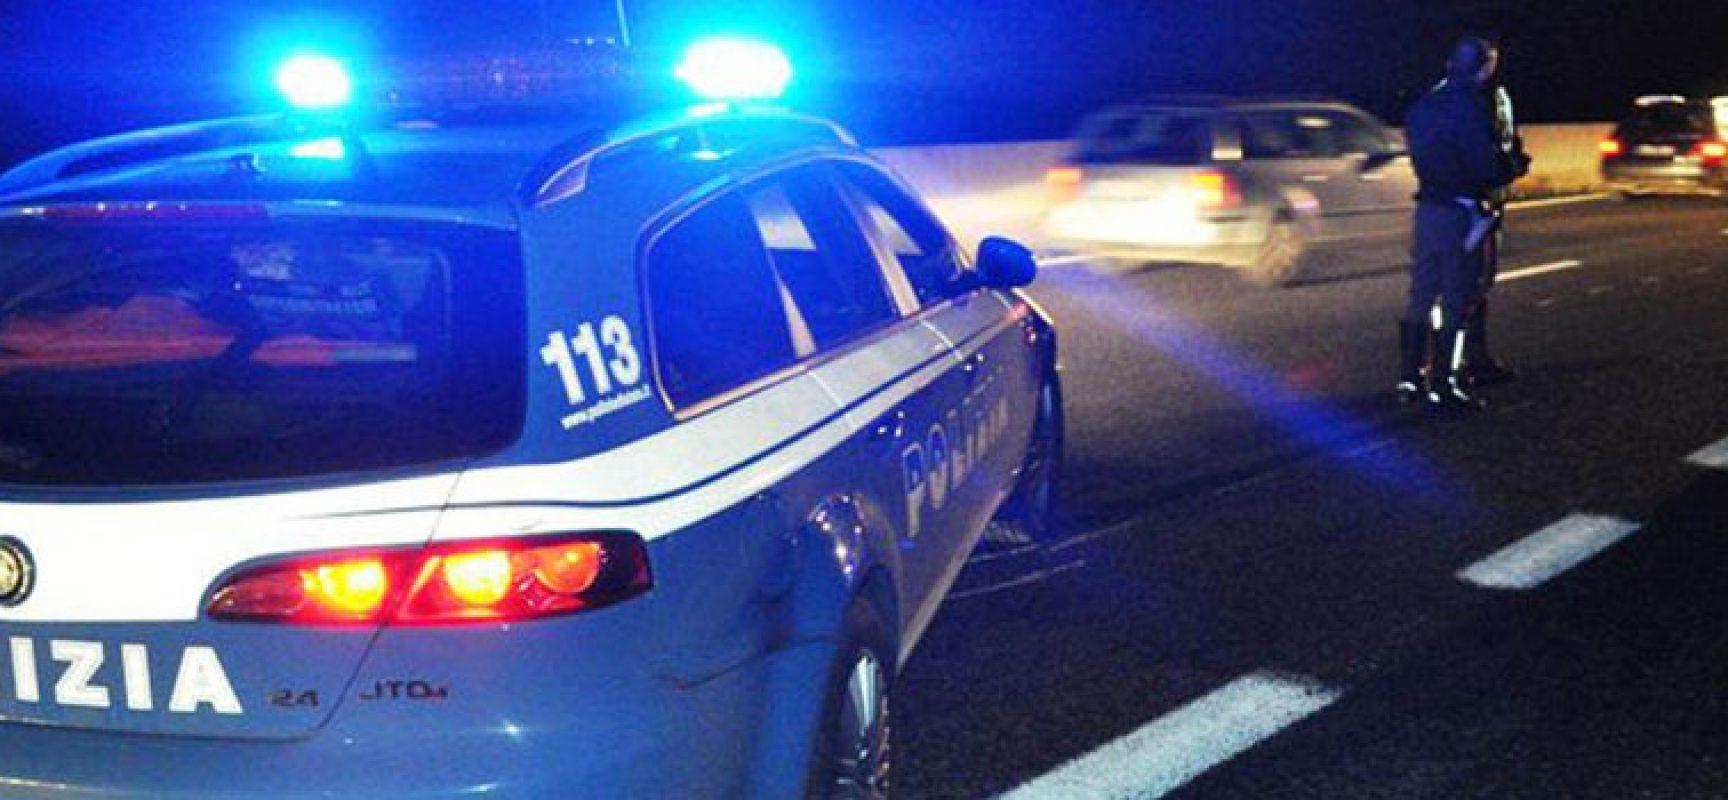 Incidente stradale su A14 in Abruzzo, grave 36enne di Bisceglie